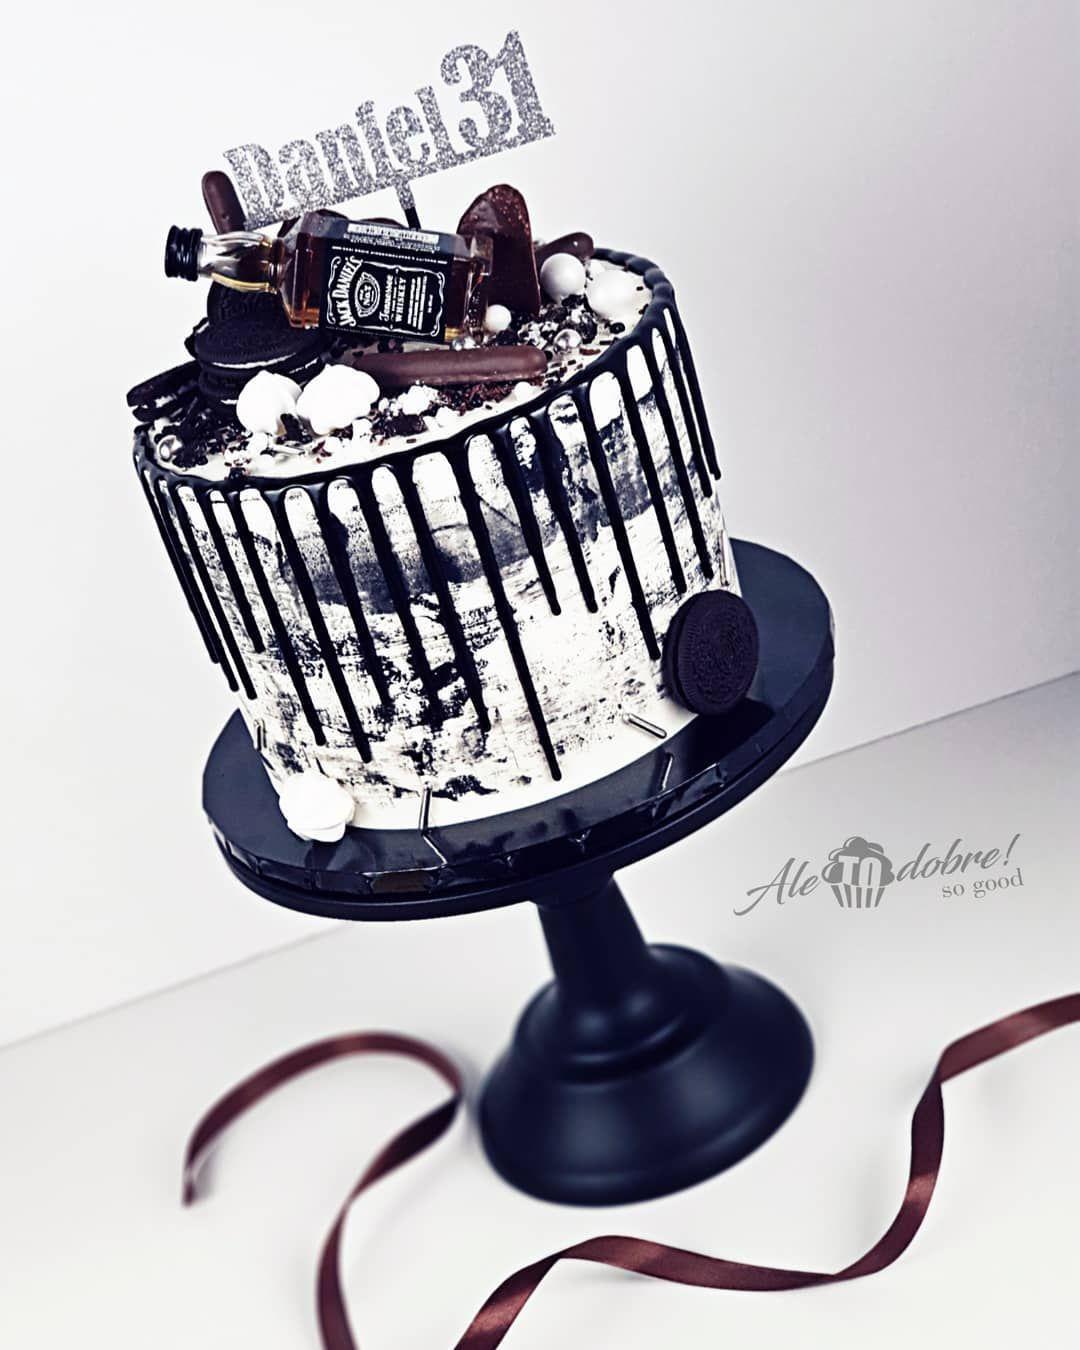 Czarny Drip Akademiatortu Pl Recipe Birthday Beer Cake Cake Birthday Cakes For Men